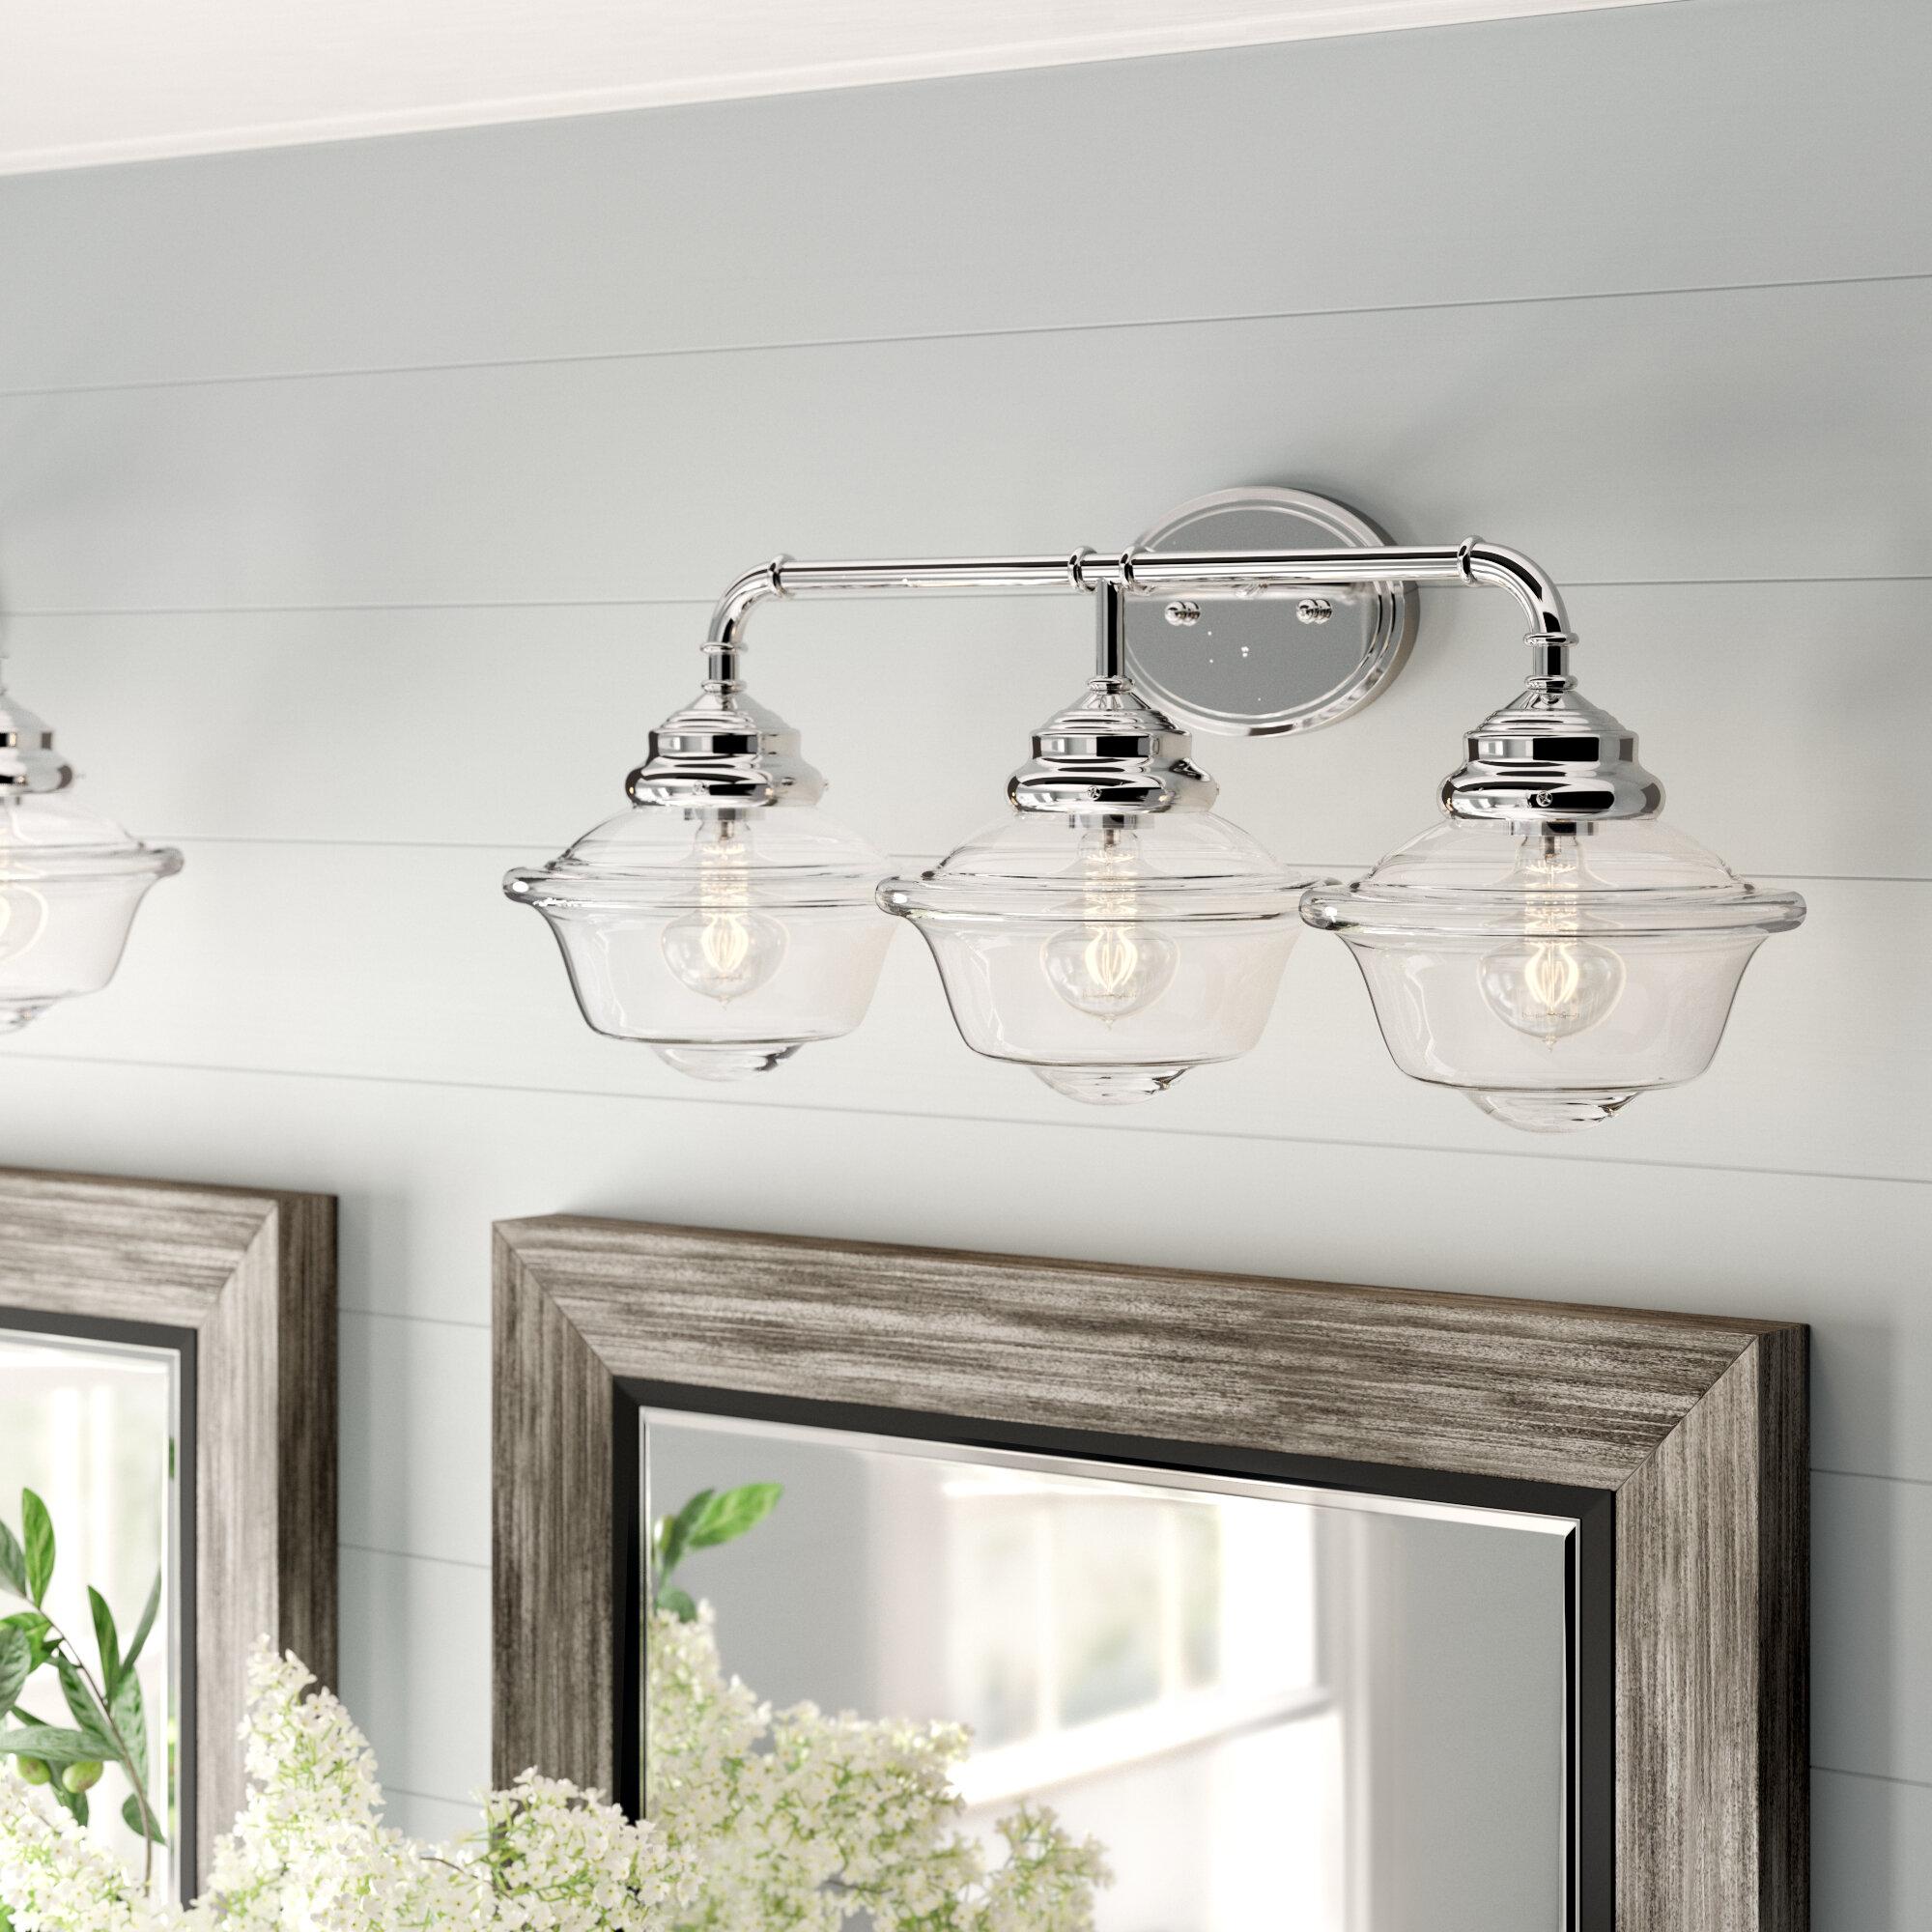 Bathroom Light Fixtures How To Choose